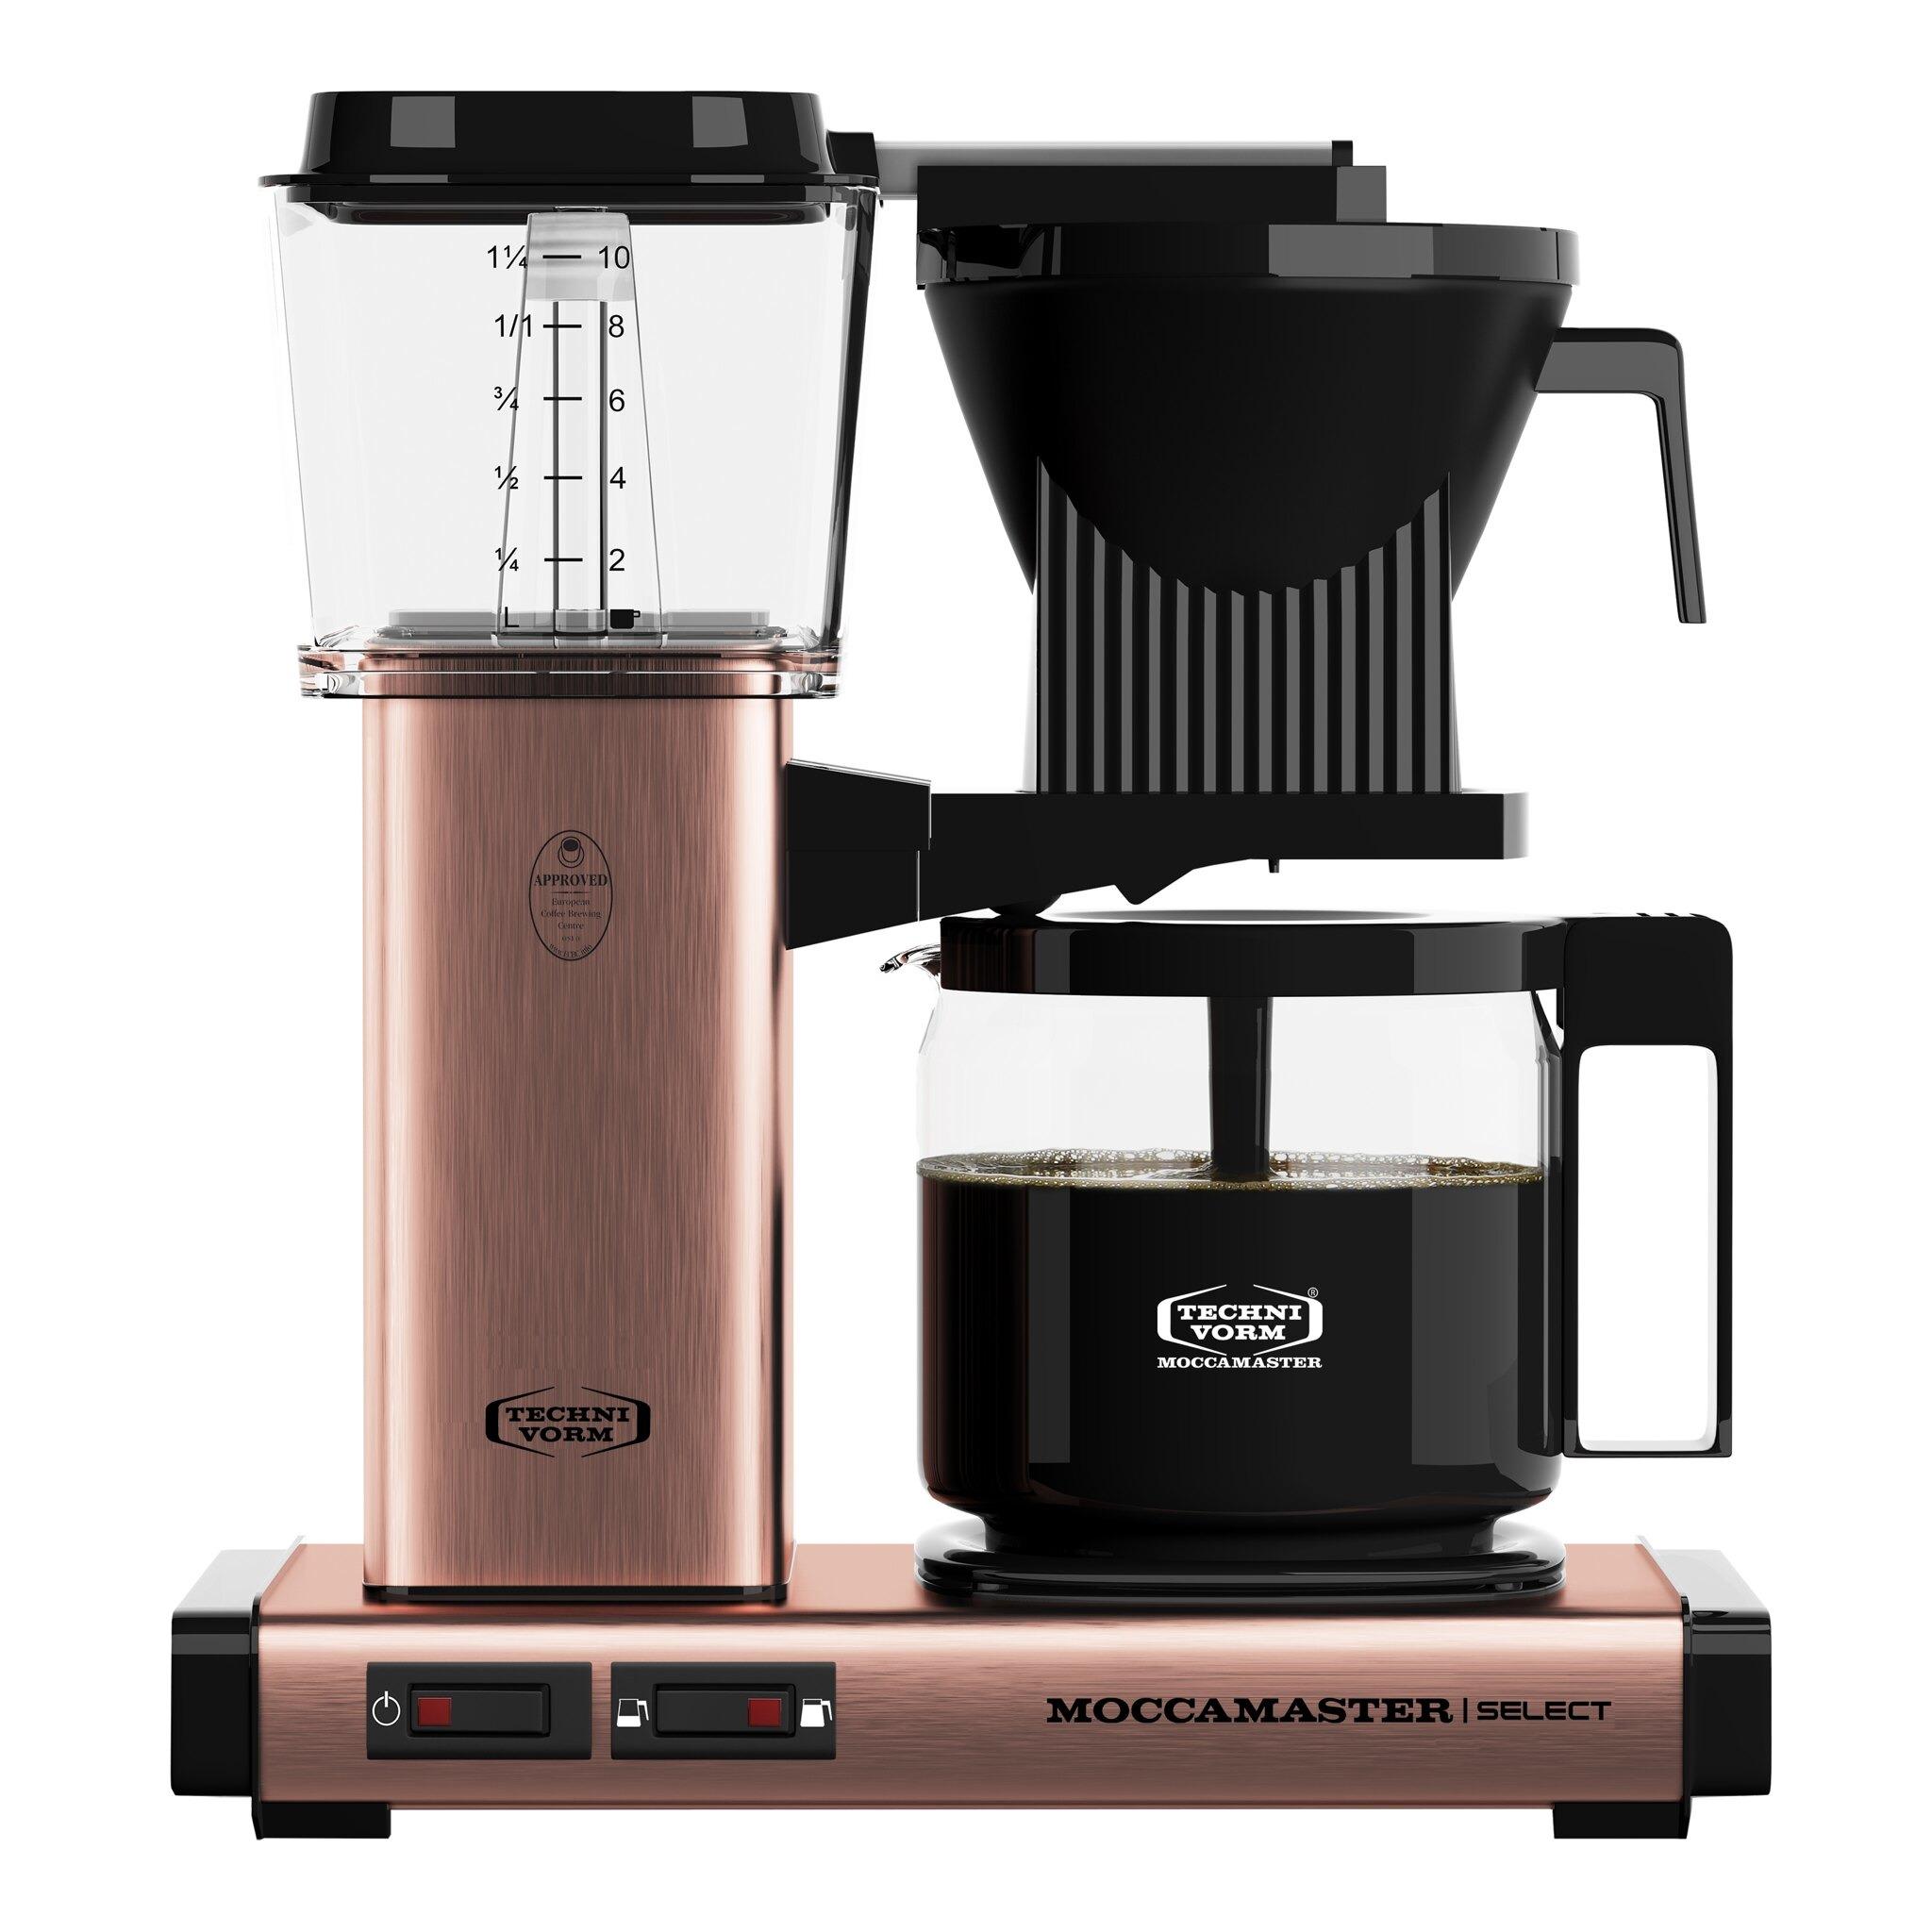 Moccamaster koffiefilter apparaat KBG SELECT koper